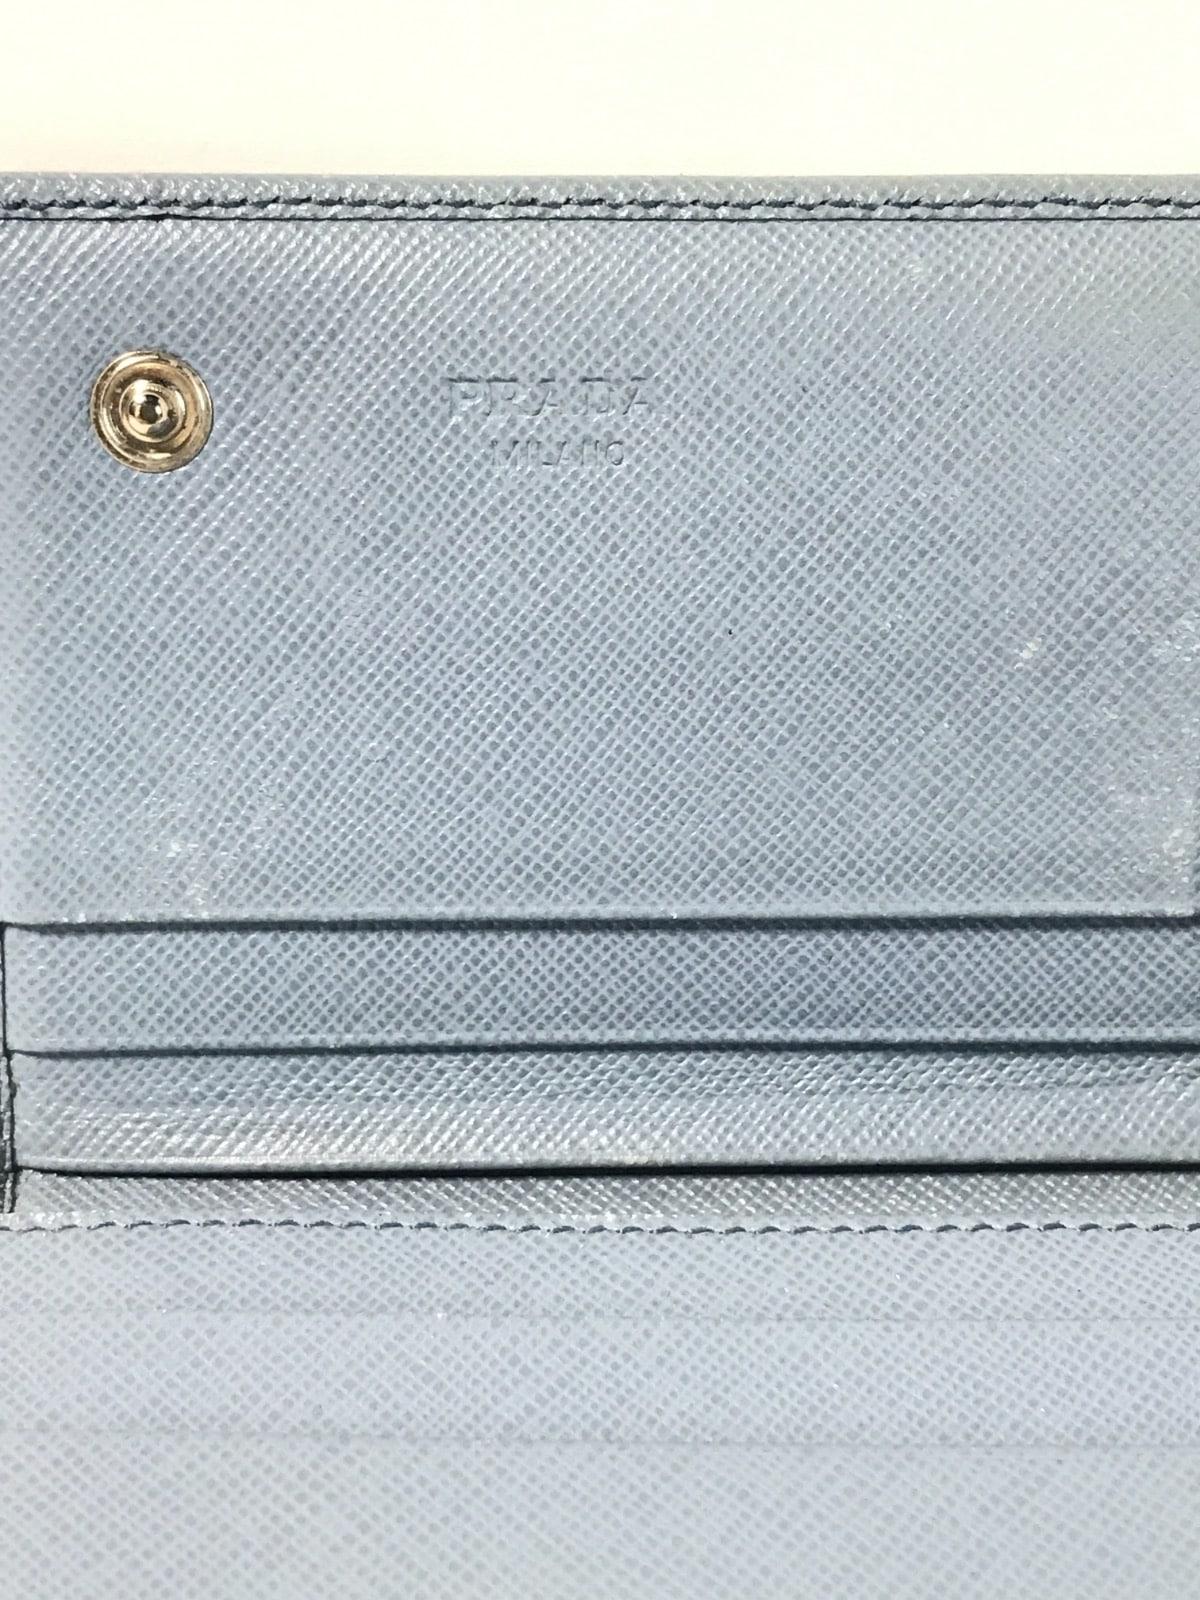 bf20f9de7e5f PRADA(プラダ) 長財布 - ライトグレー レザー(12217936)中古|ブランド ...